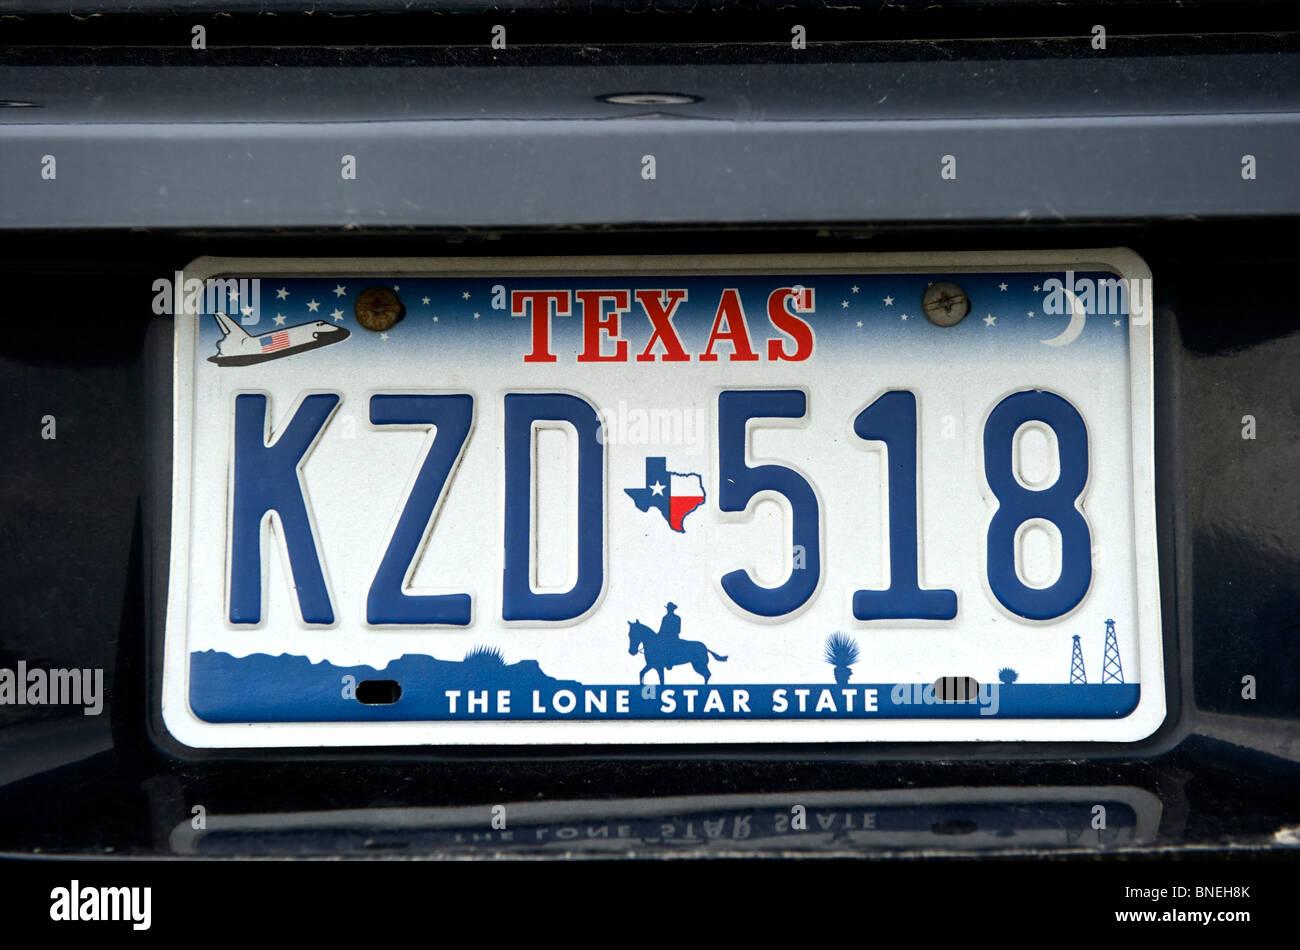 Nouveau Texas Lone Star State license plate dans le Texas, USA Banque D'Images